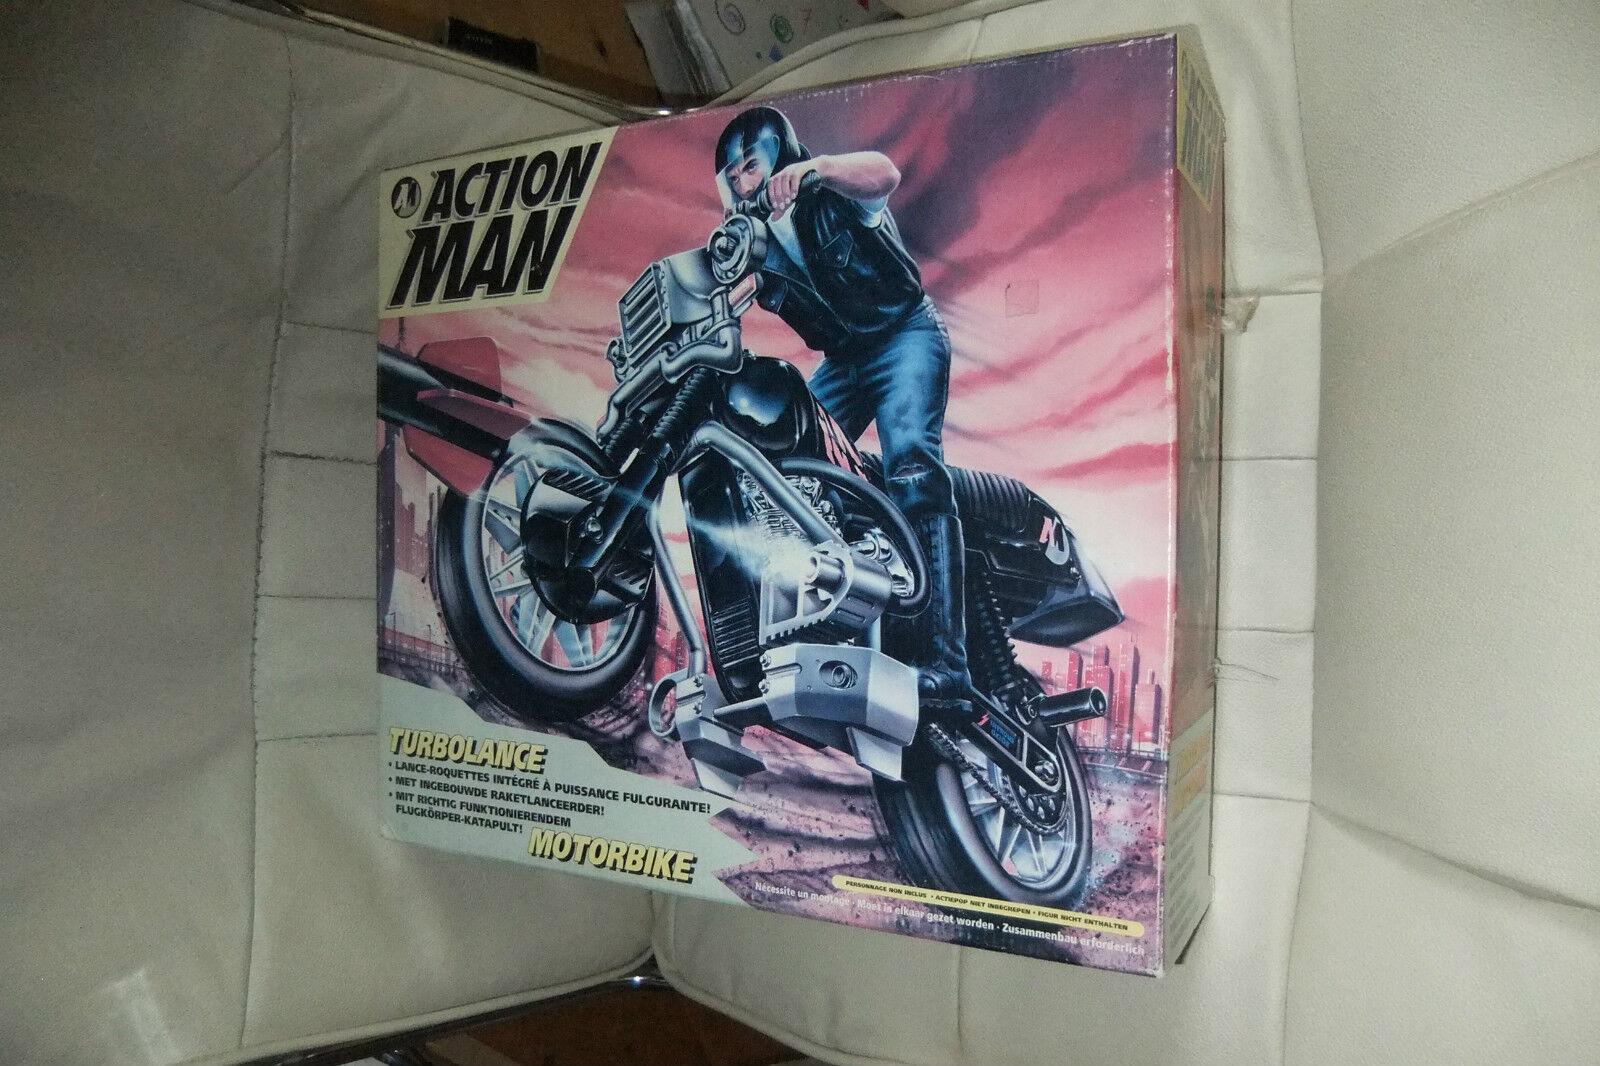 1994 Mib Mosc Moc Acción Gi Joe equipo Hombre turbolance Moto Hasbro